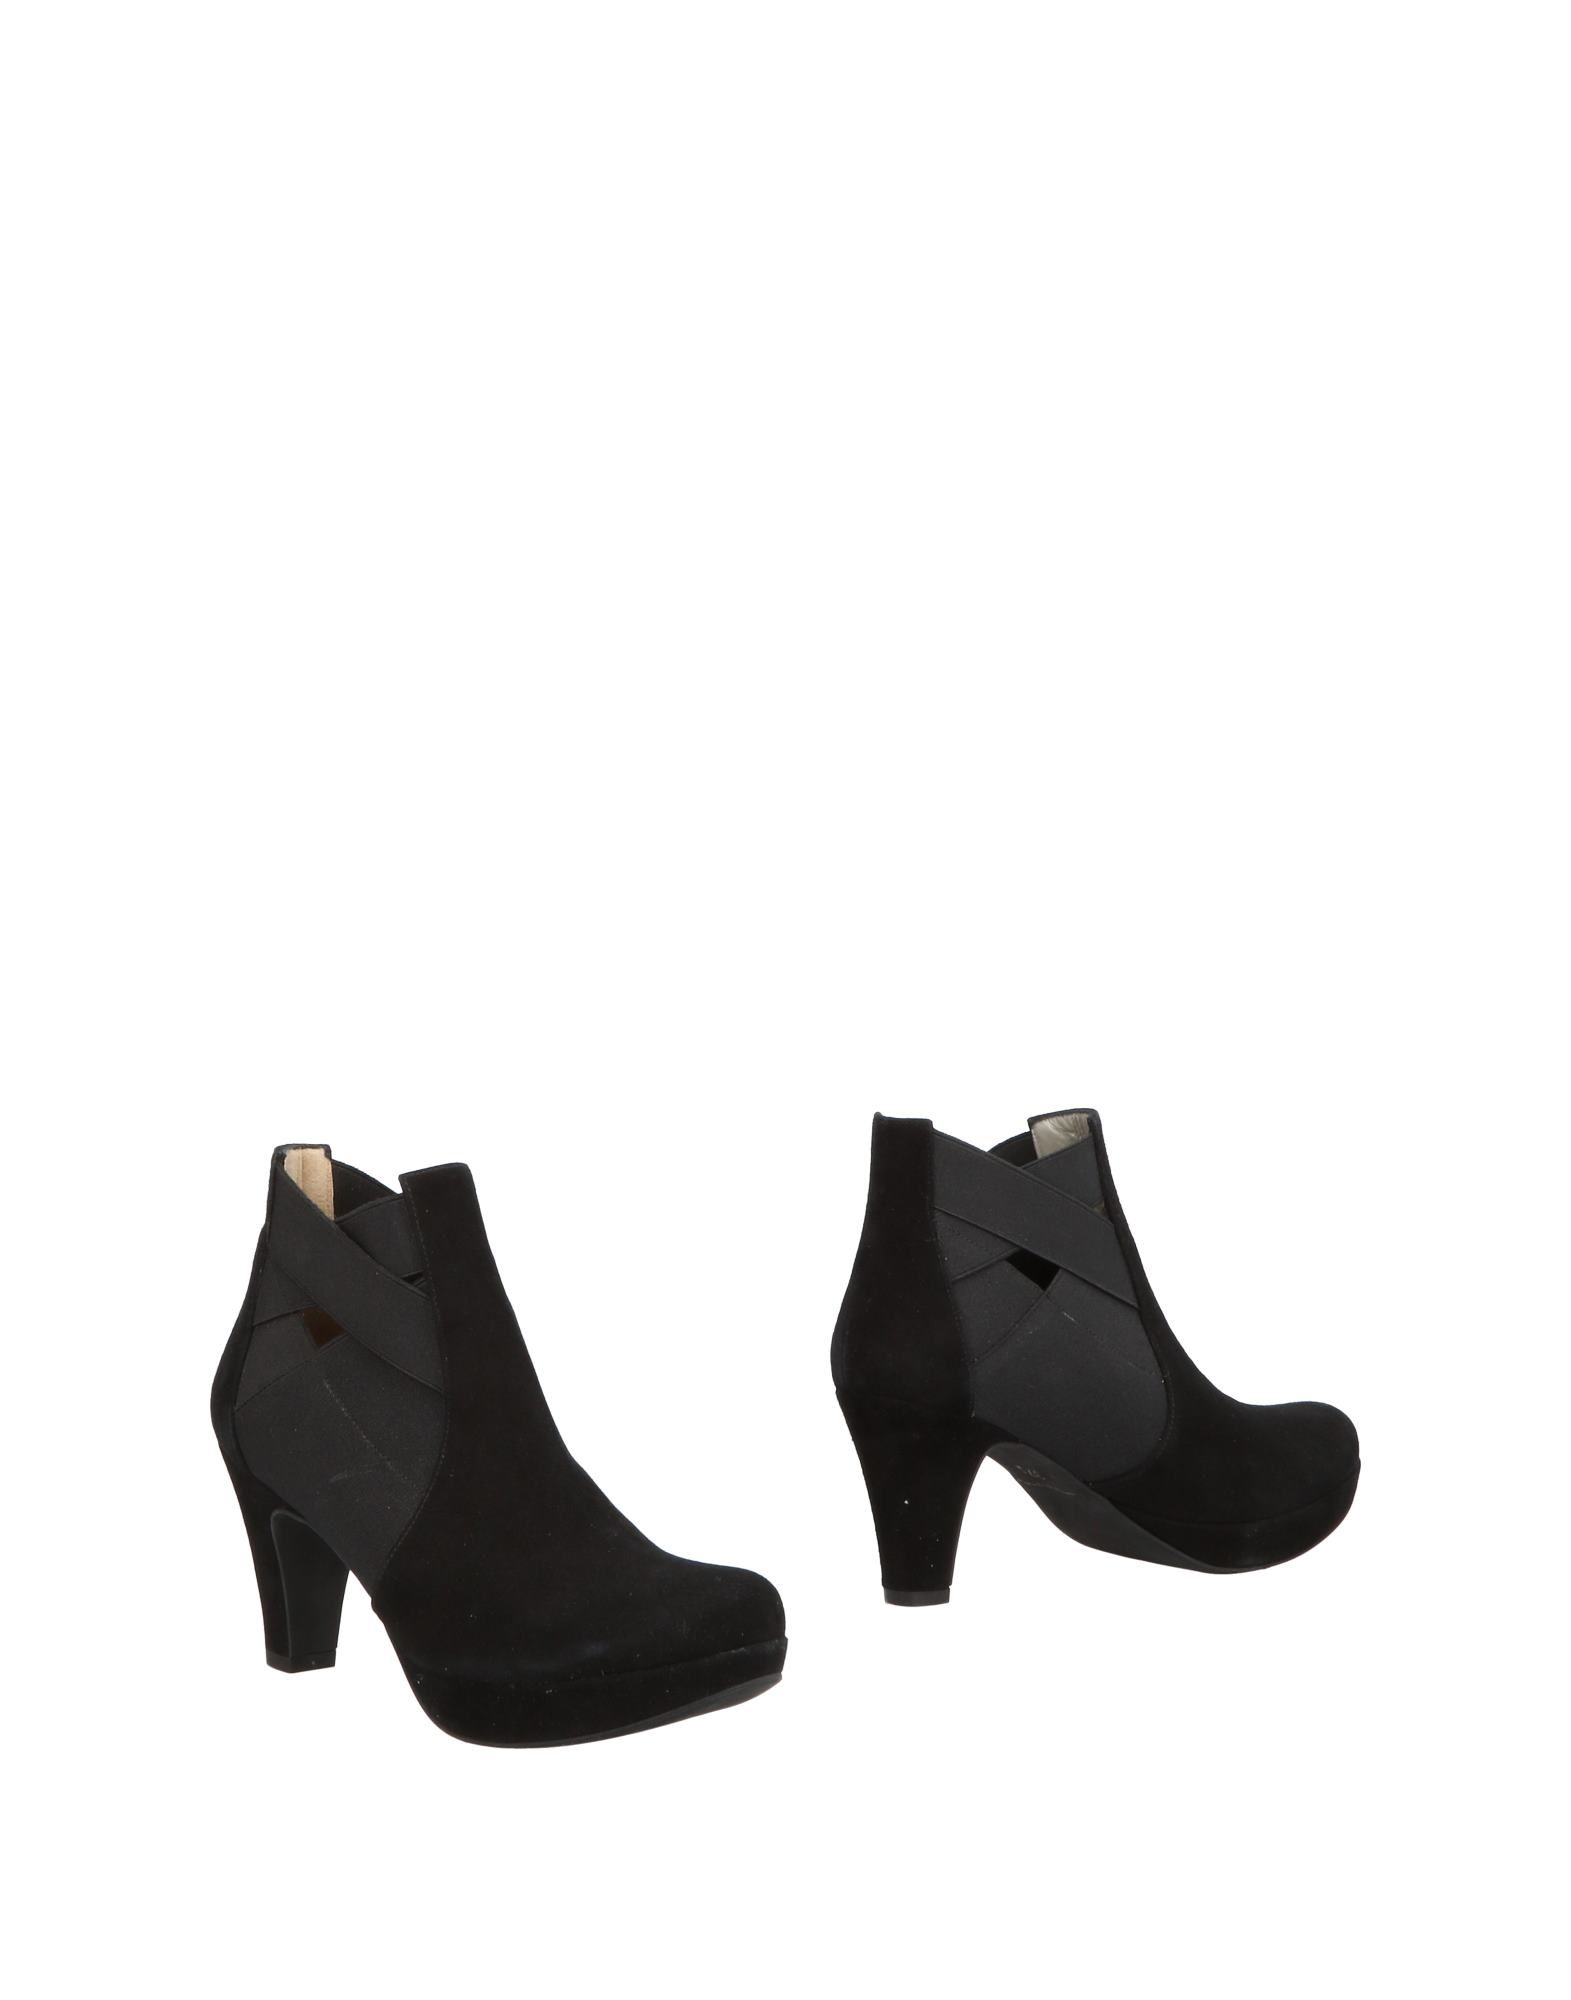 Gut um billige Schuhe Damen zu tragenSilvia Rossi Stiefelette Damen Schuhe  11504090WK ce5331